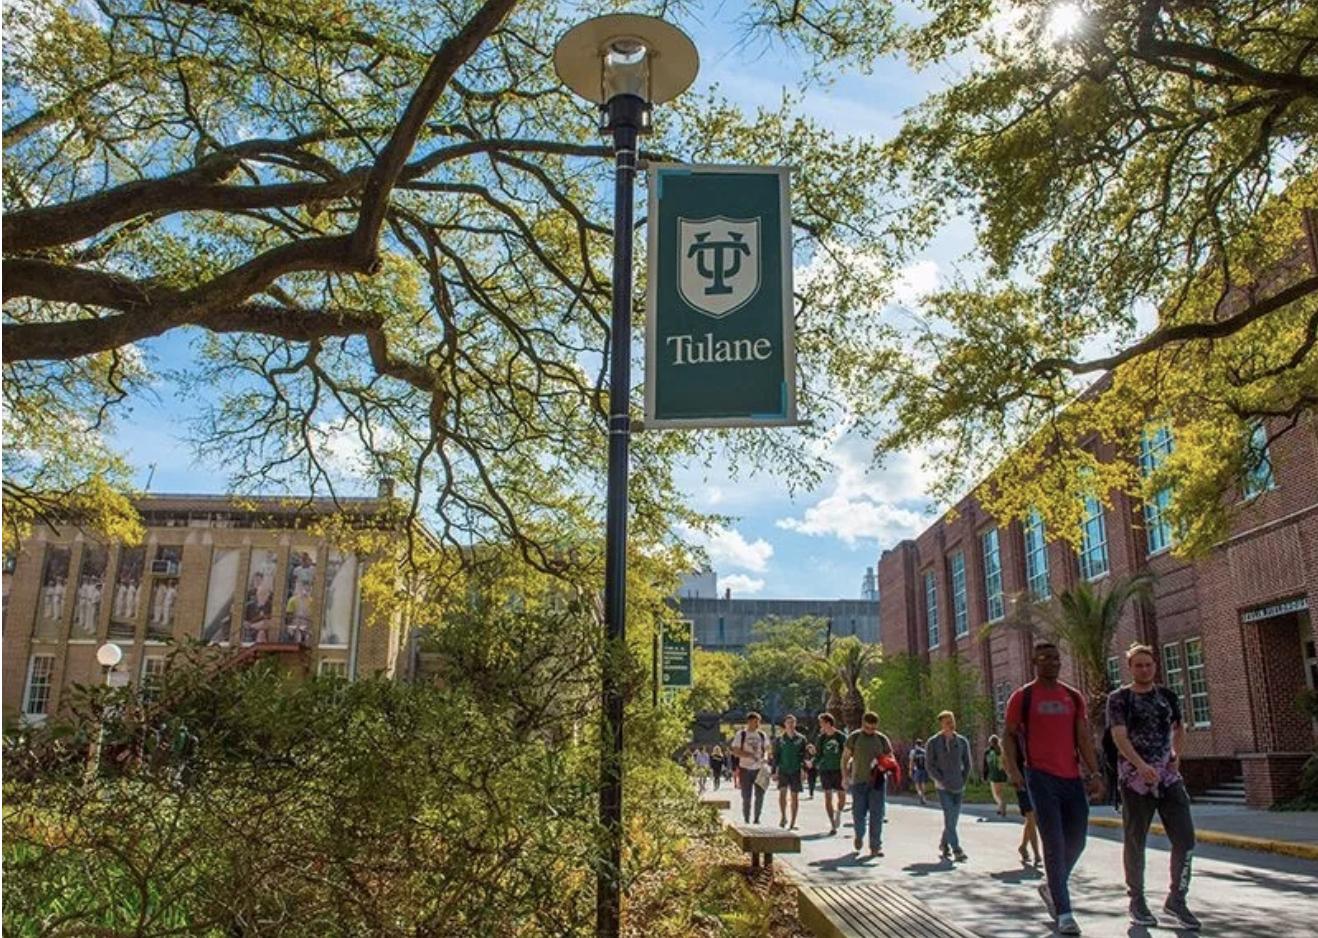 2020年杜兰大学早申放榜,Tulane University 早申录取了怎样的申请者?